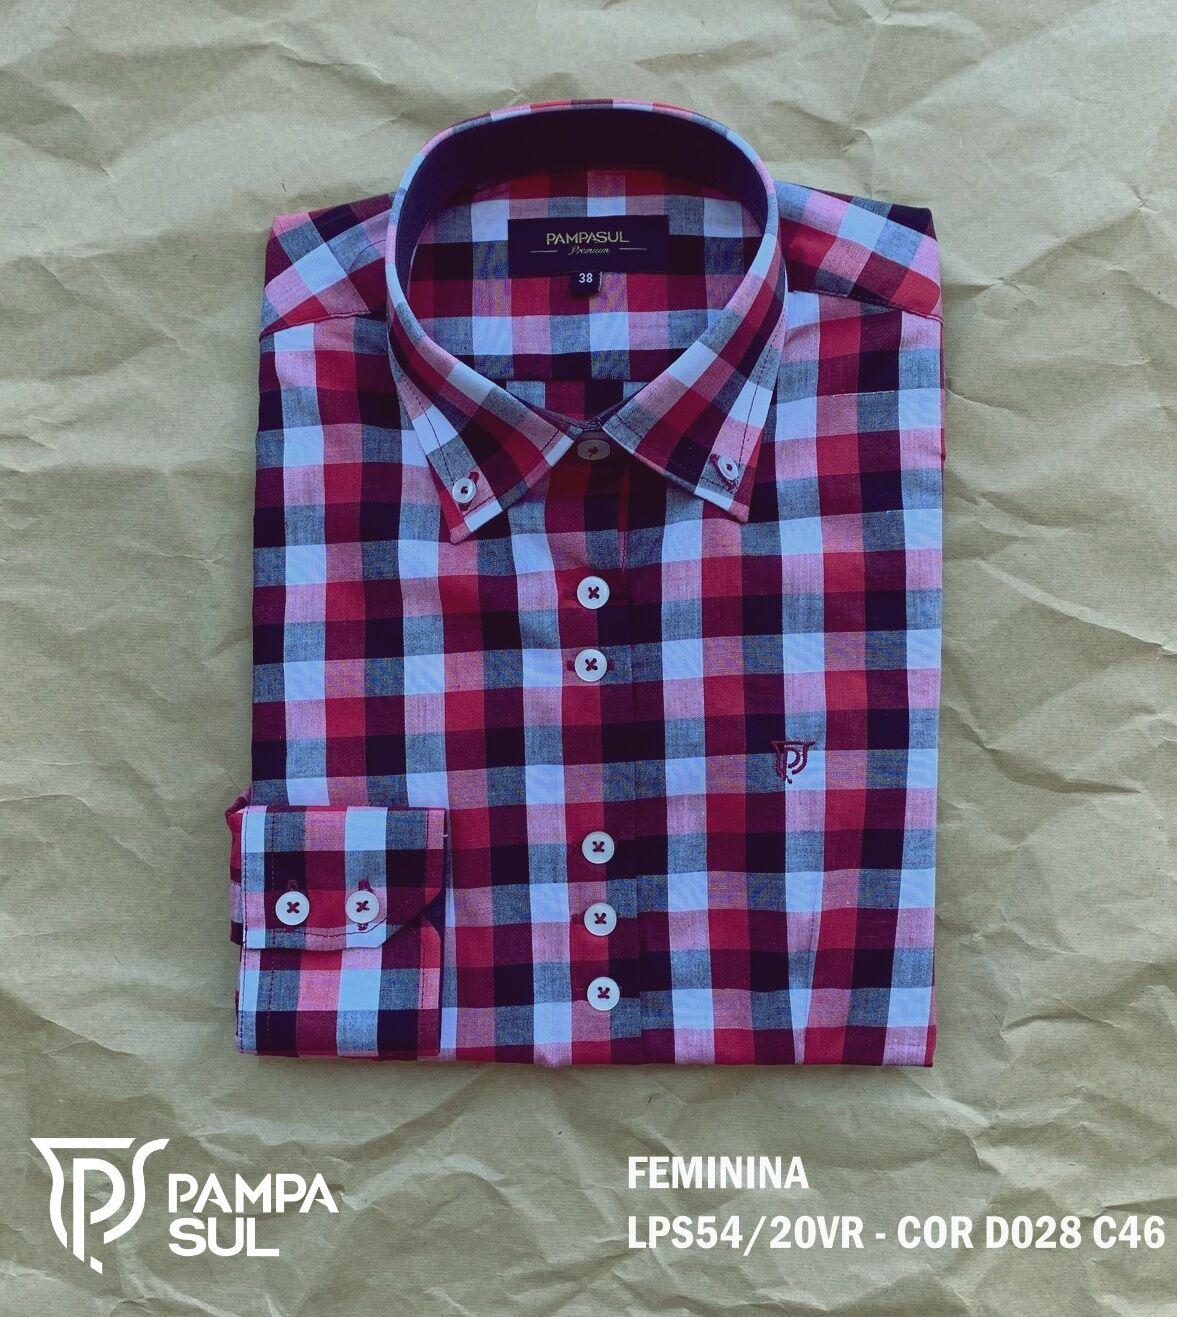 Camisa Pampa Sul Feminina LPS 54/20